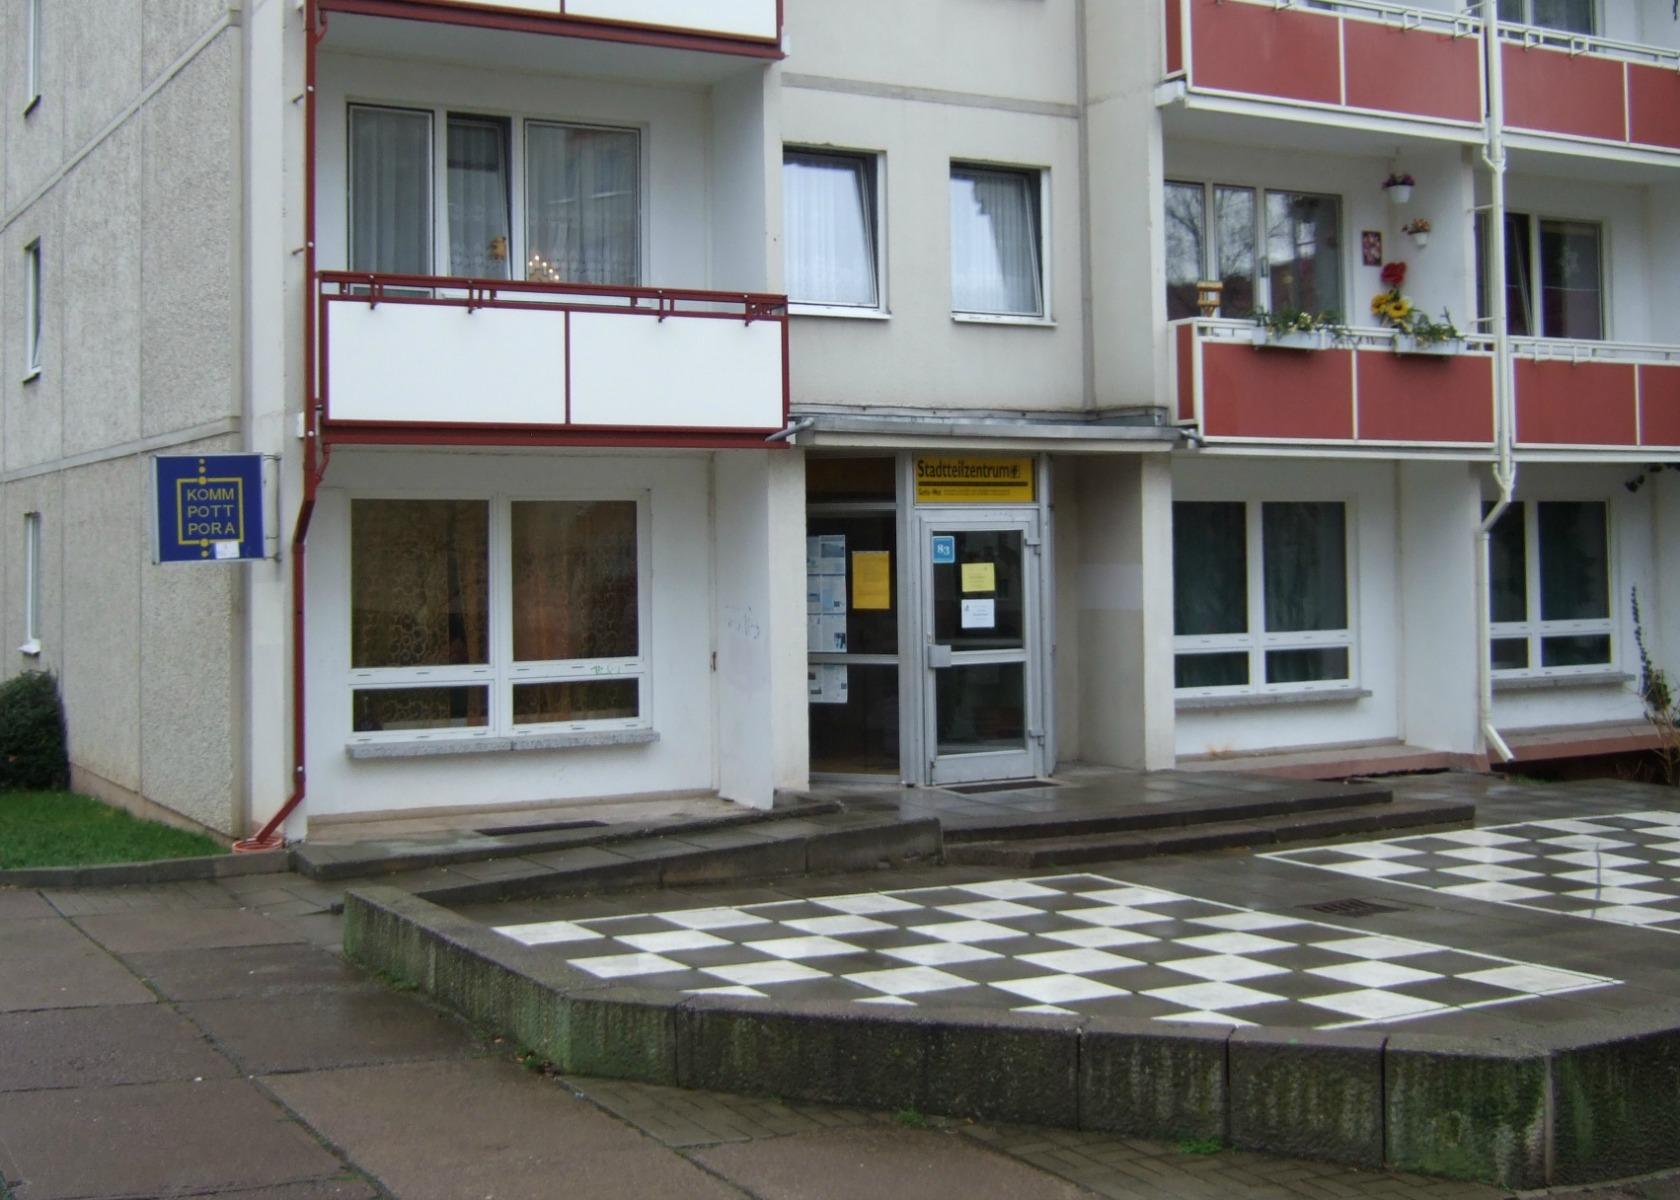 Gotha West